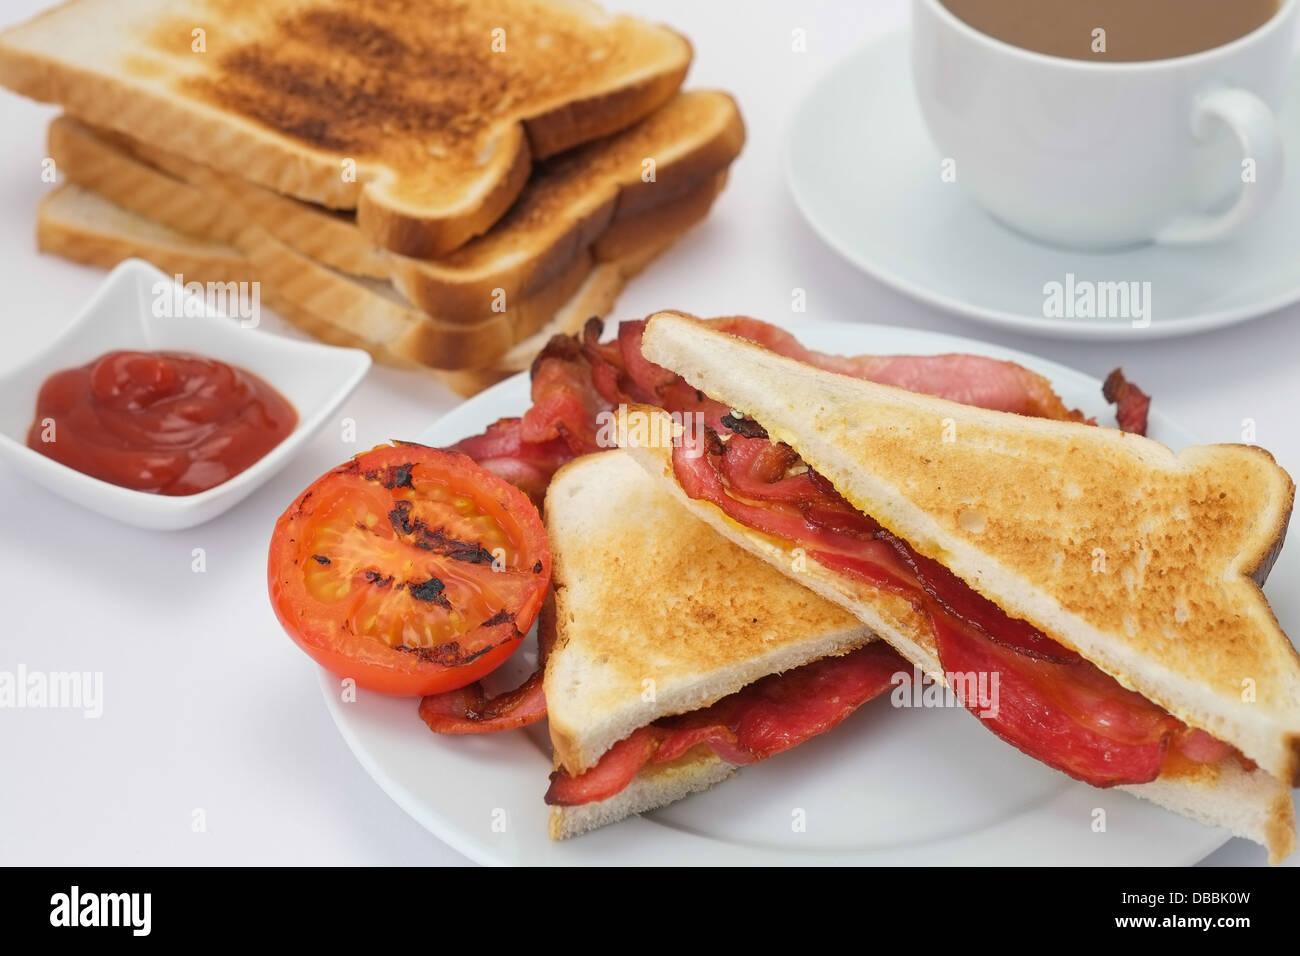 La prima colazione di bacon sandwich con pane tostato e una tazza di caffè Immagini Stock